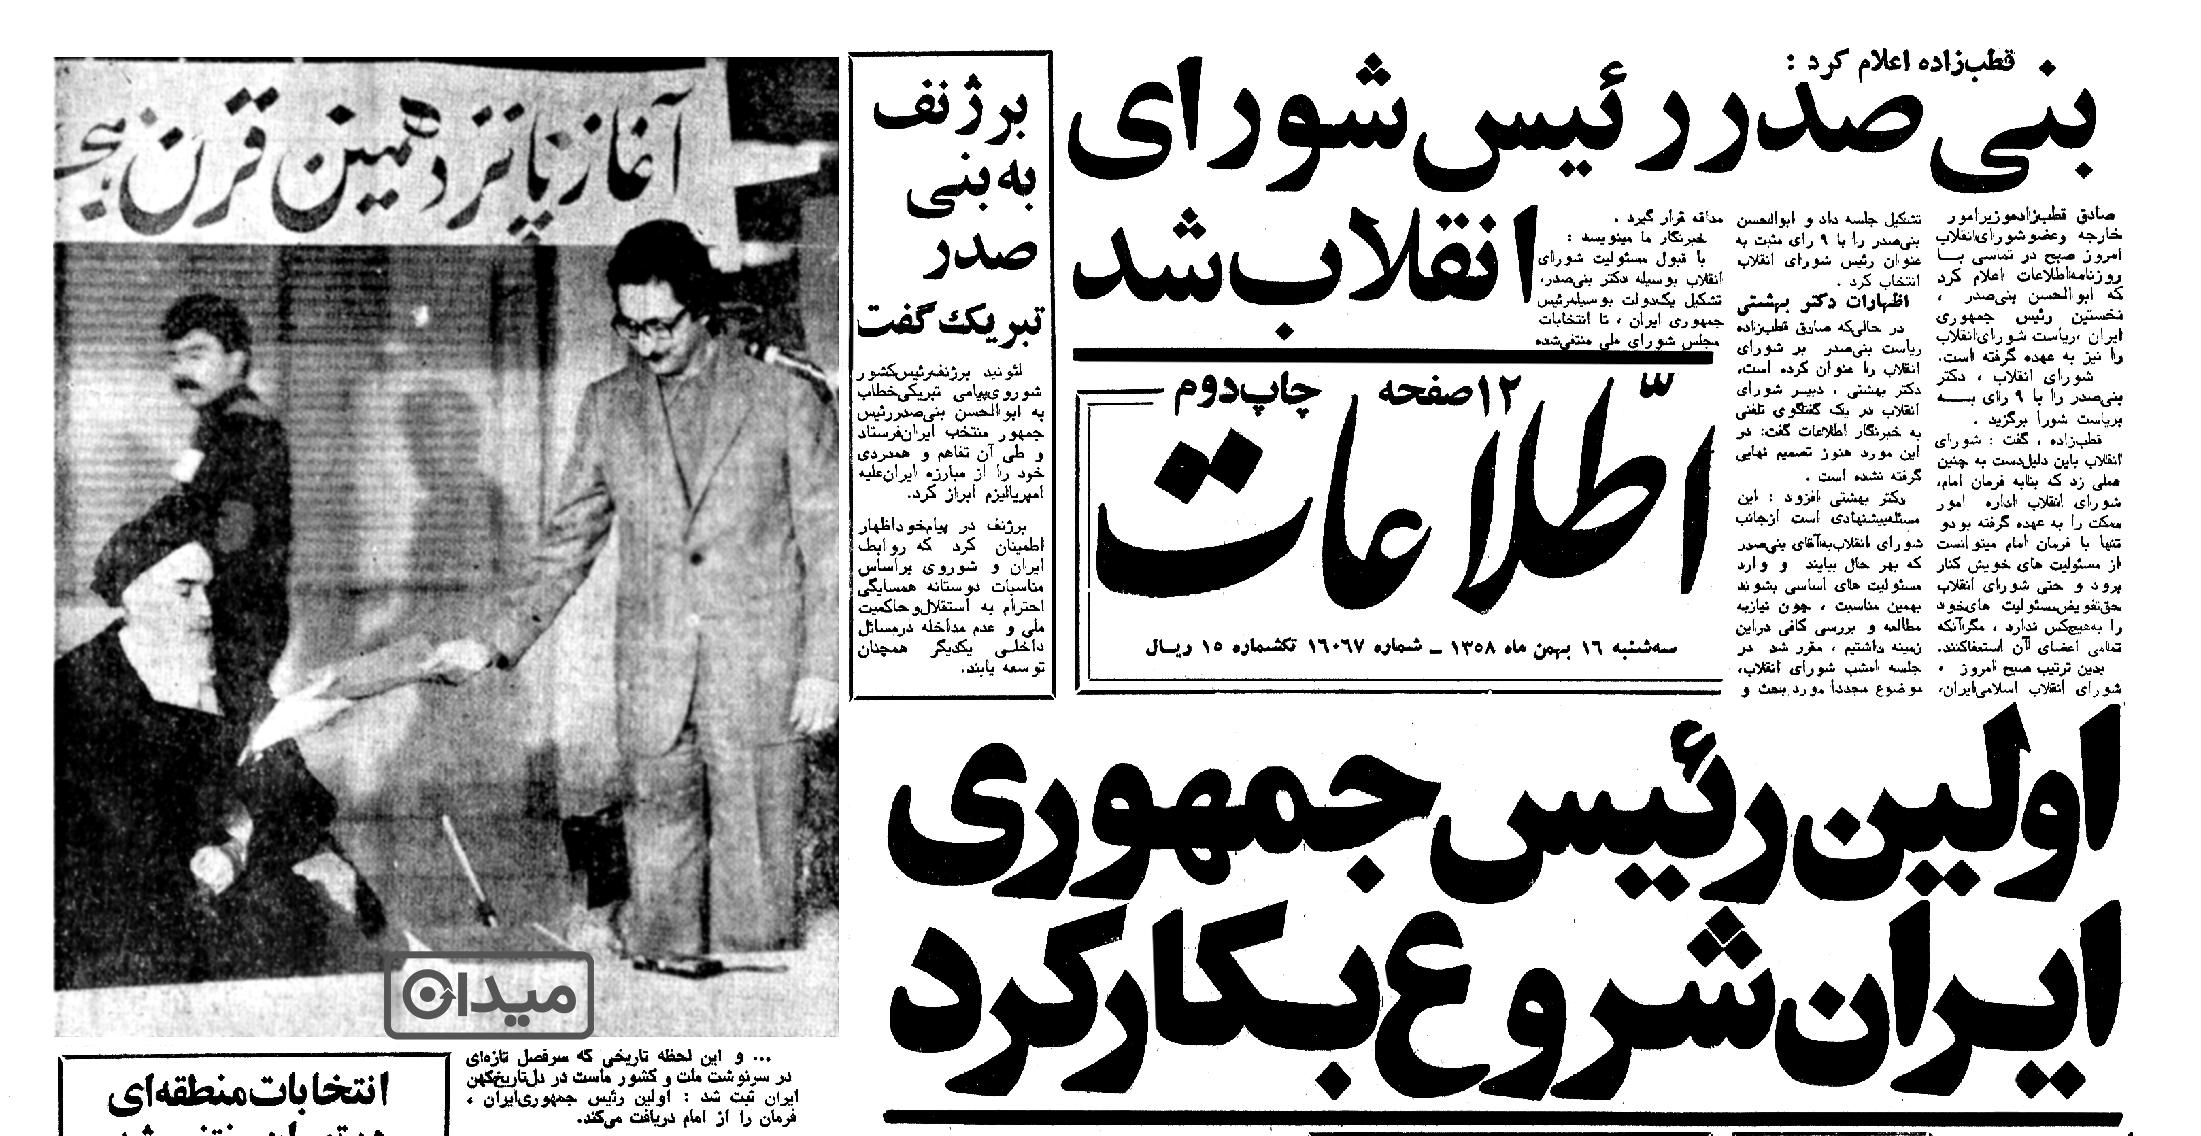 بهمن ۵۸: شروع به کار اولین رئیس جمهور ایران